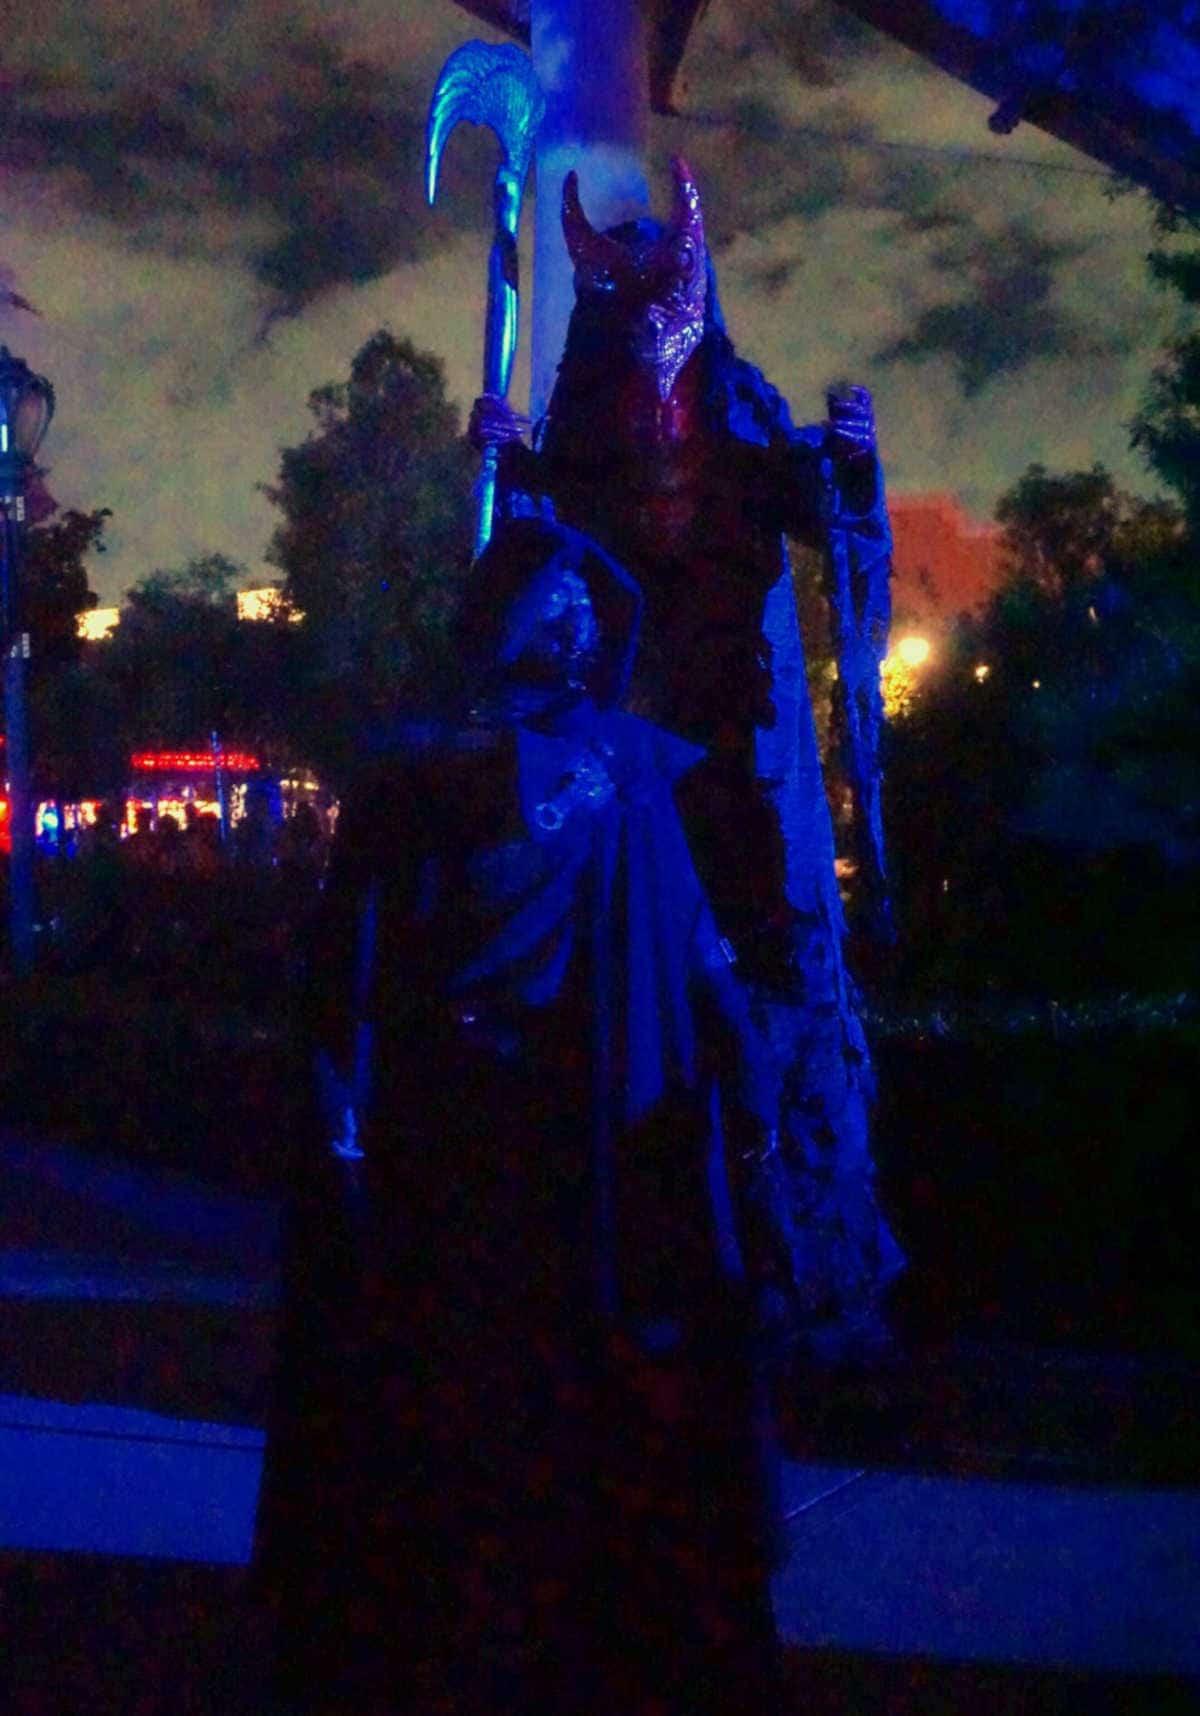 呪われた薔薇園 死神と悪魔